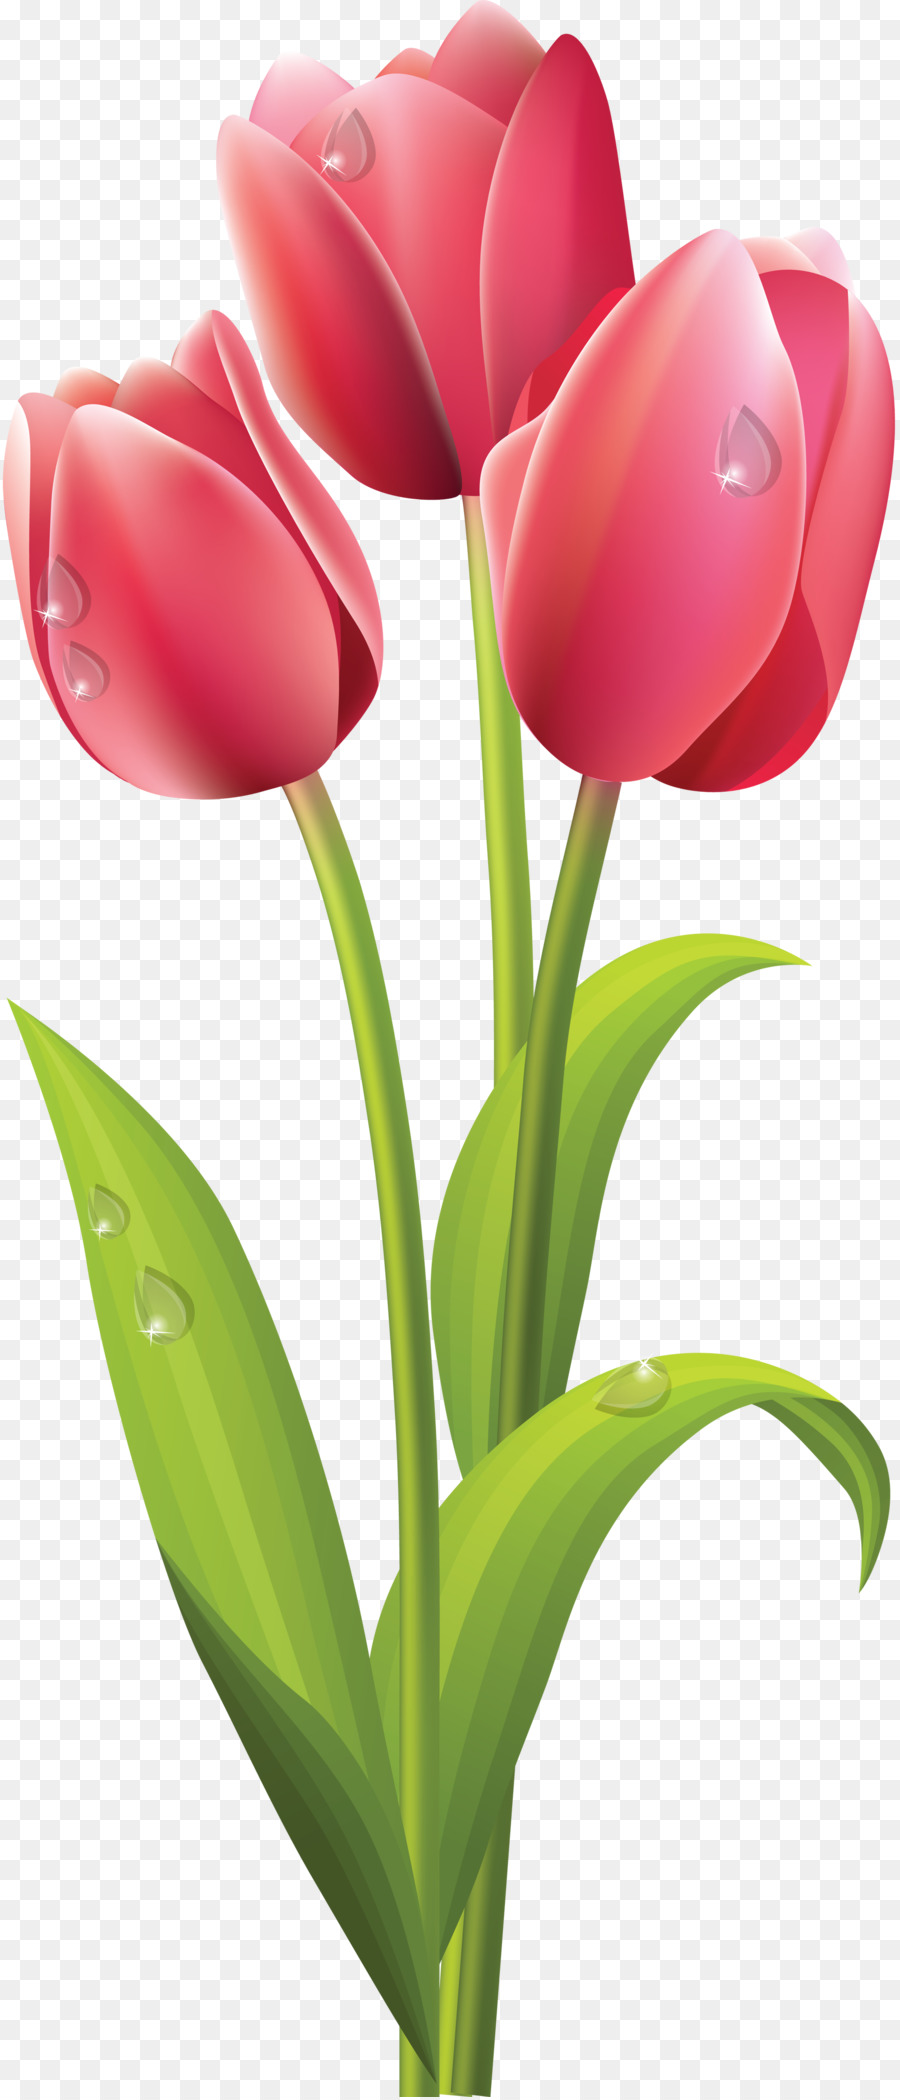 Flower clip art png. Bouquet clipart tulip